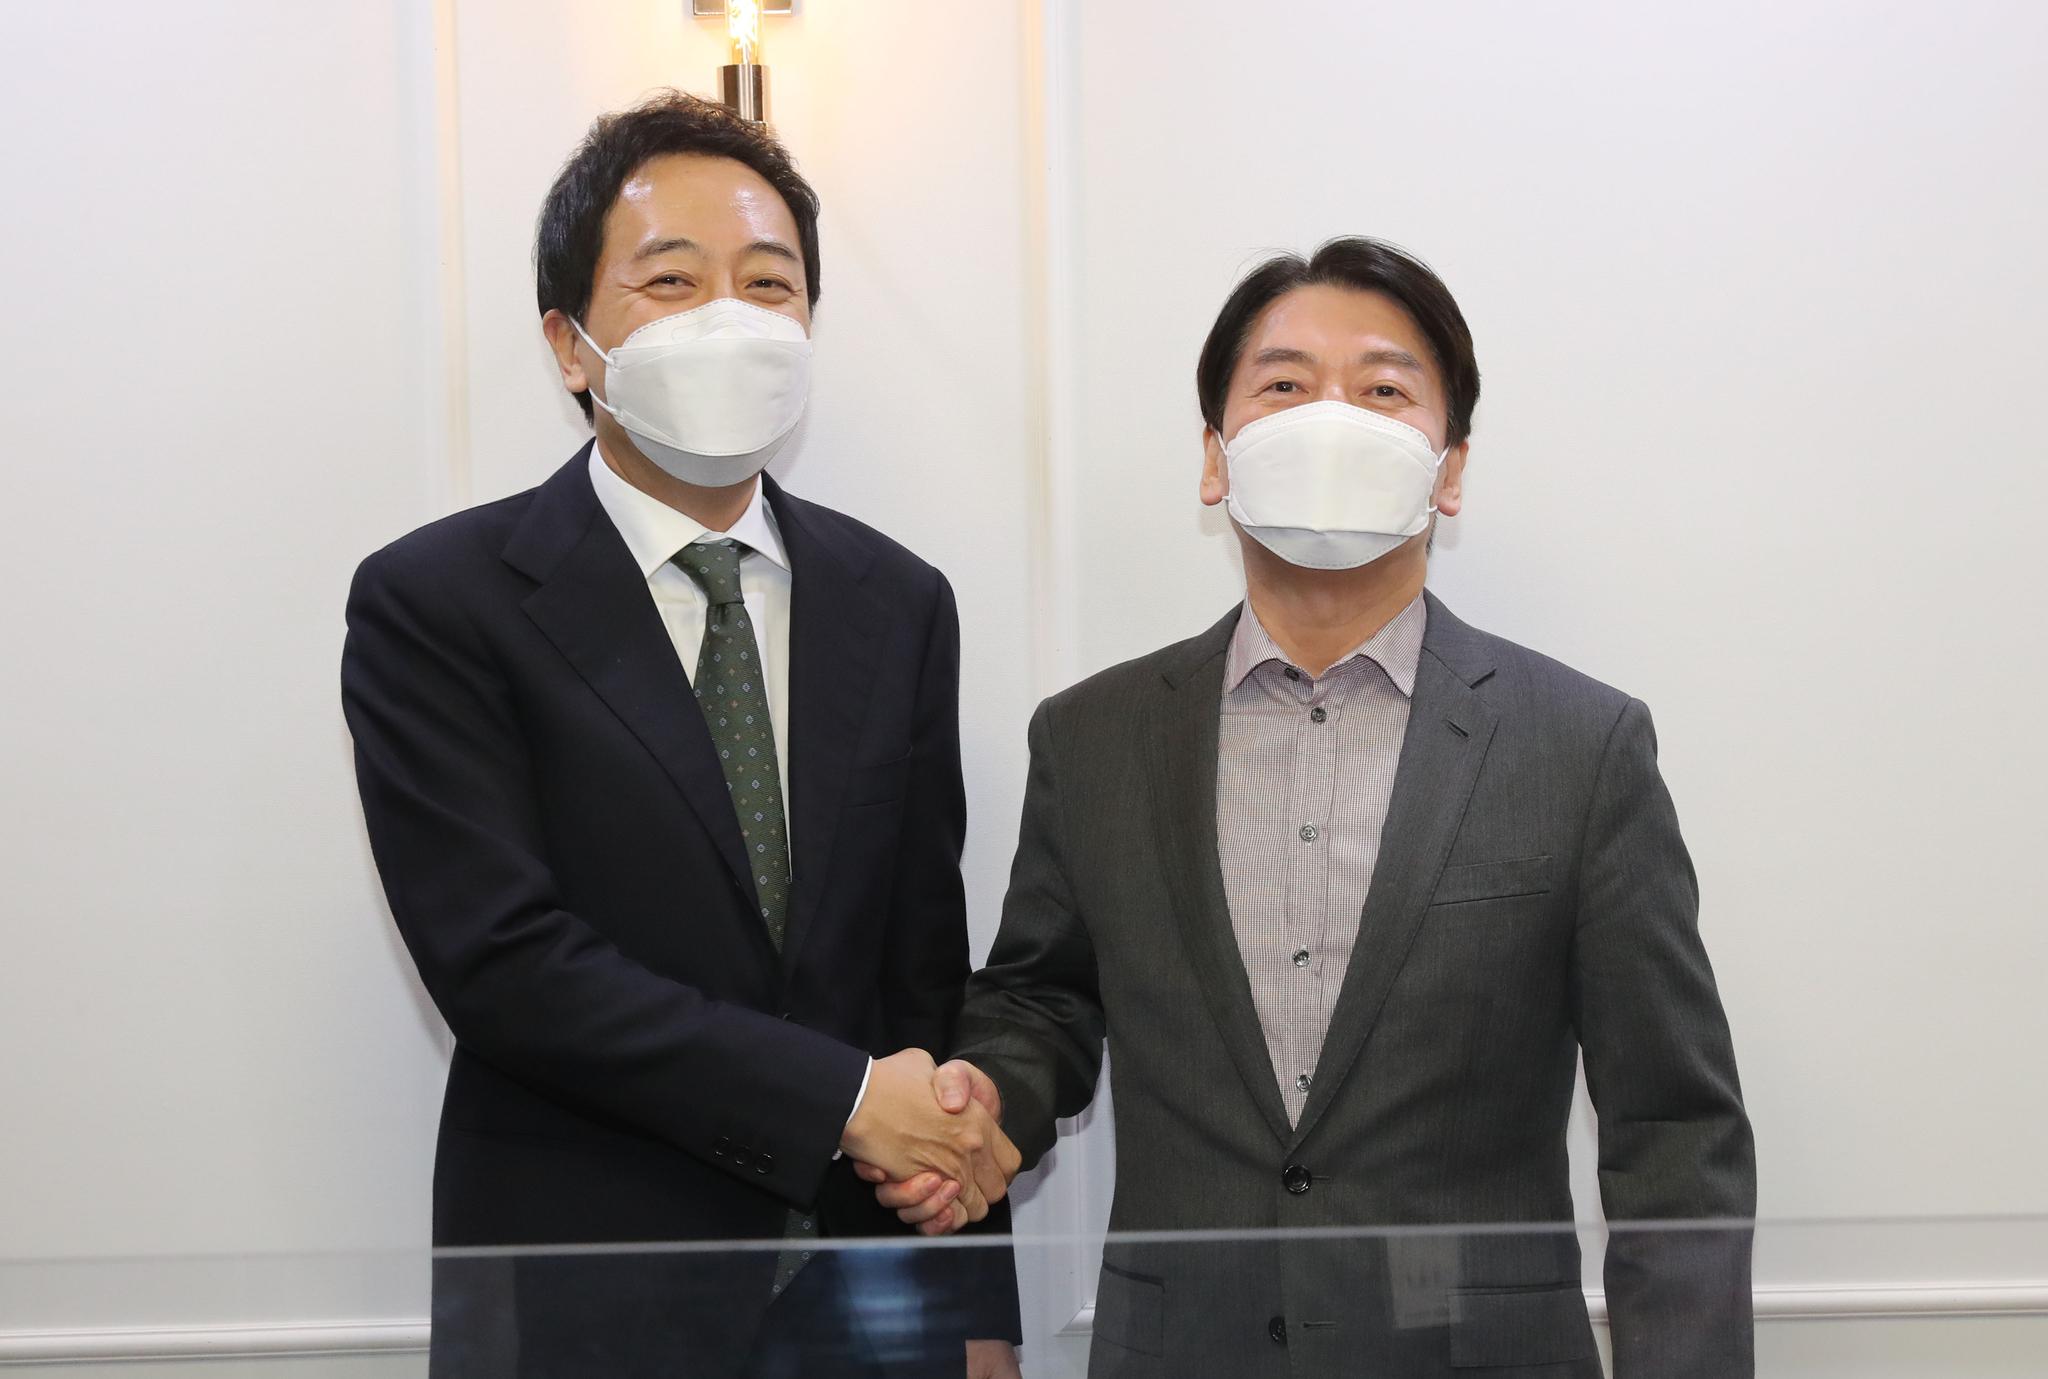 국민의당 안철수 대표(오른쪽)와 무소속 금태섭 전 의원이 '제3지대' 단일화 방식을 협상하기 위해 4일 오후 서울 여의도 국회 의원회관에서 회동, 악수하고 있다. 오종택 기자